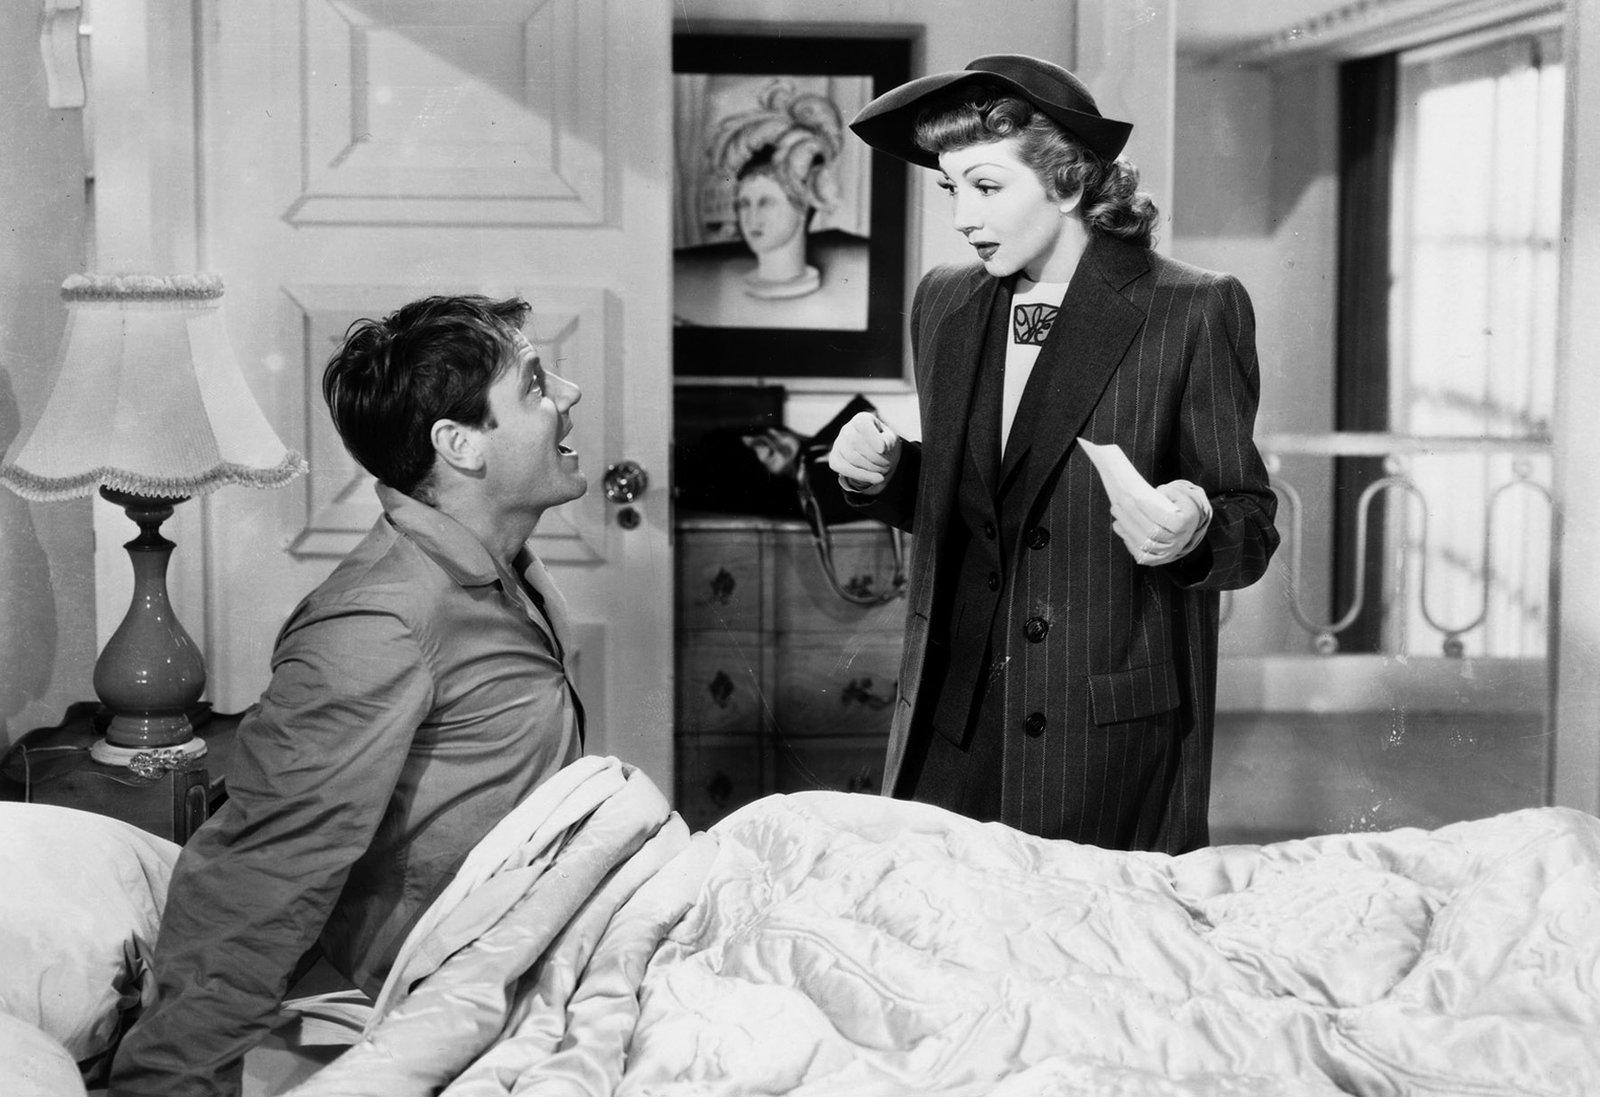 Gerry (Claudette Colbert) legt ihrem Mann Tom (Joel McCrea) dar, dass sie sich ungeachtet ihrer Liebe zueinander scheiden lassen sollten, um für neue, reiche Partner frei zu sein. – Bild: ZDF/© Paramount/Victor Milner